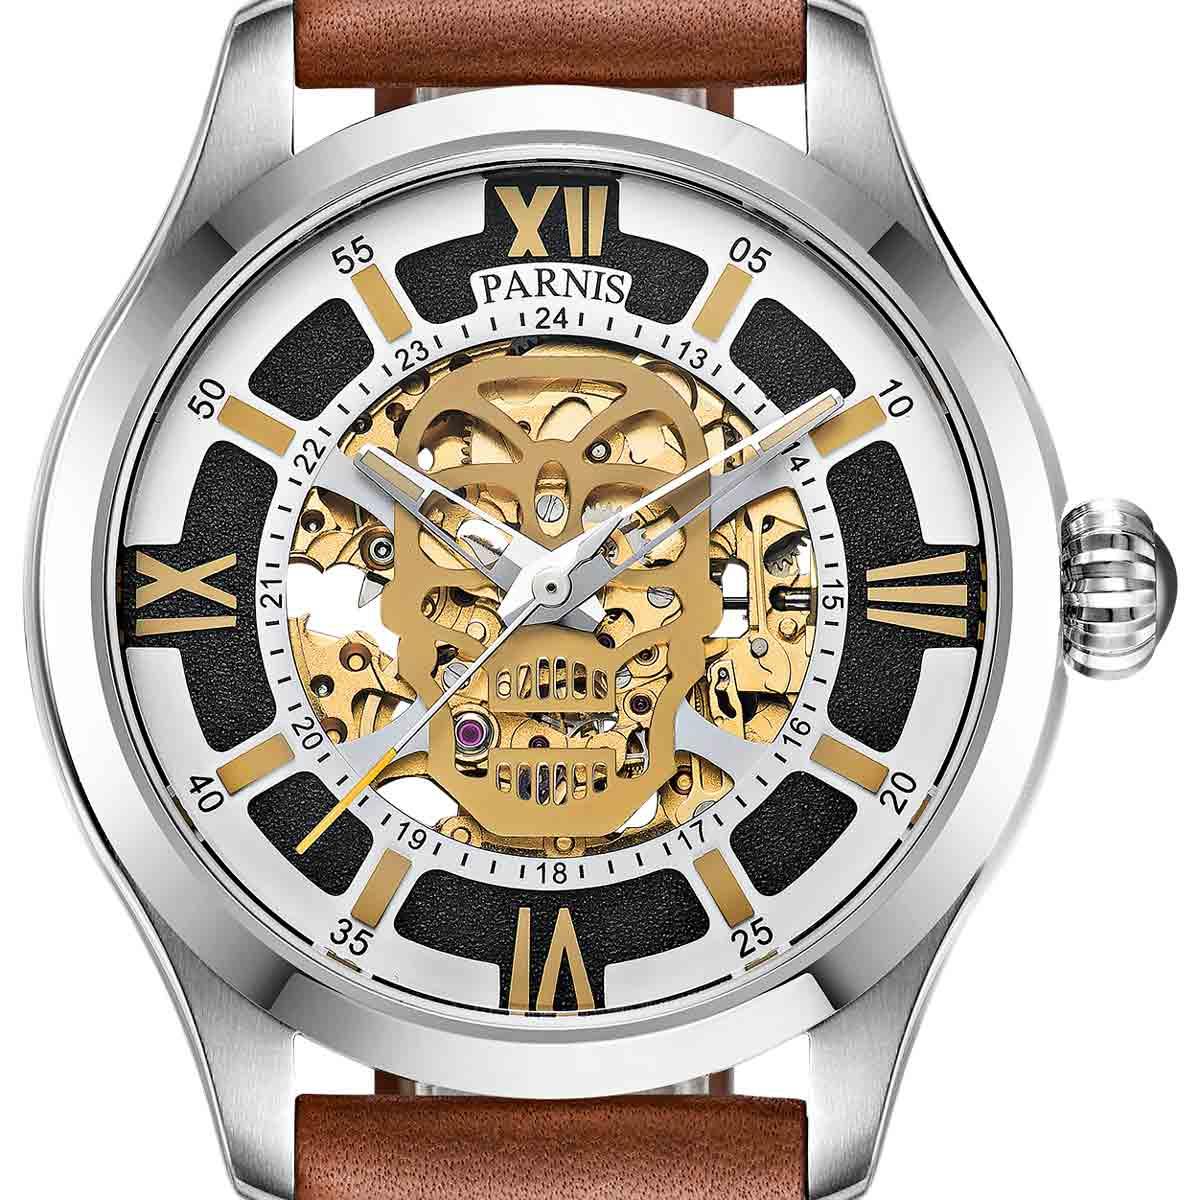 【残り1点】【NEW】PARNIS パーニス 自動巻き 腕時計 [PA6054-S3AL-SVBR] 並行輸入品 純正ケース メーカー保証12ヶ月